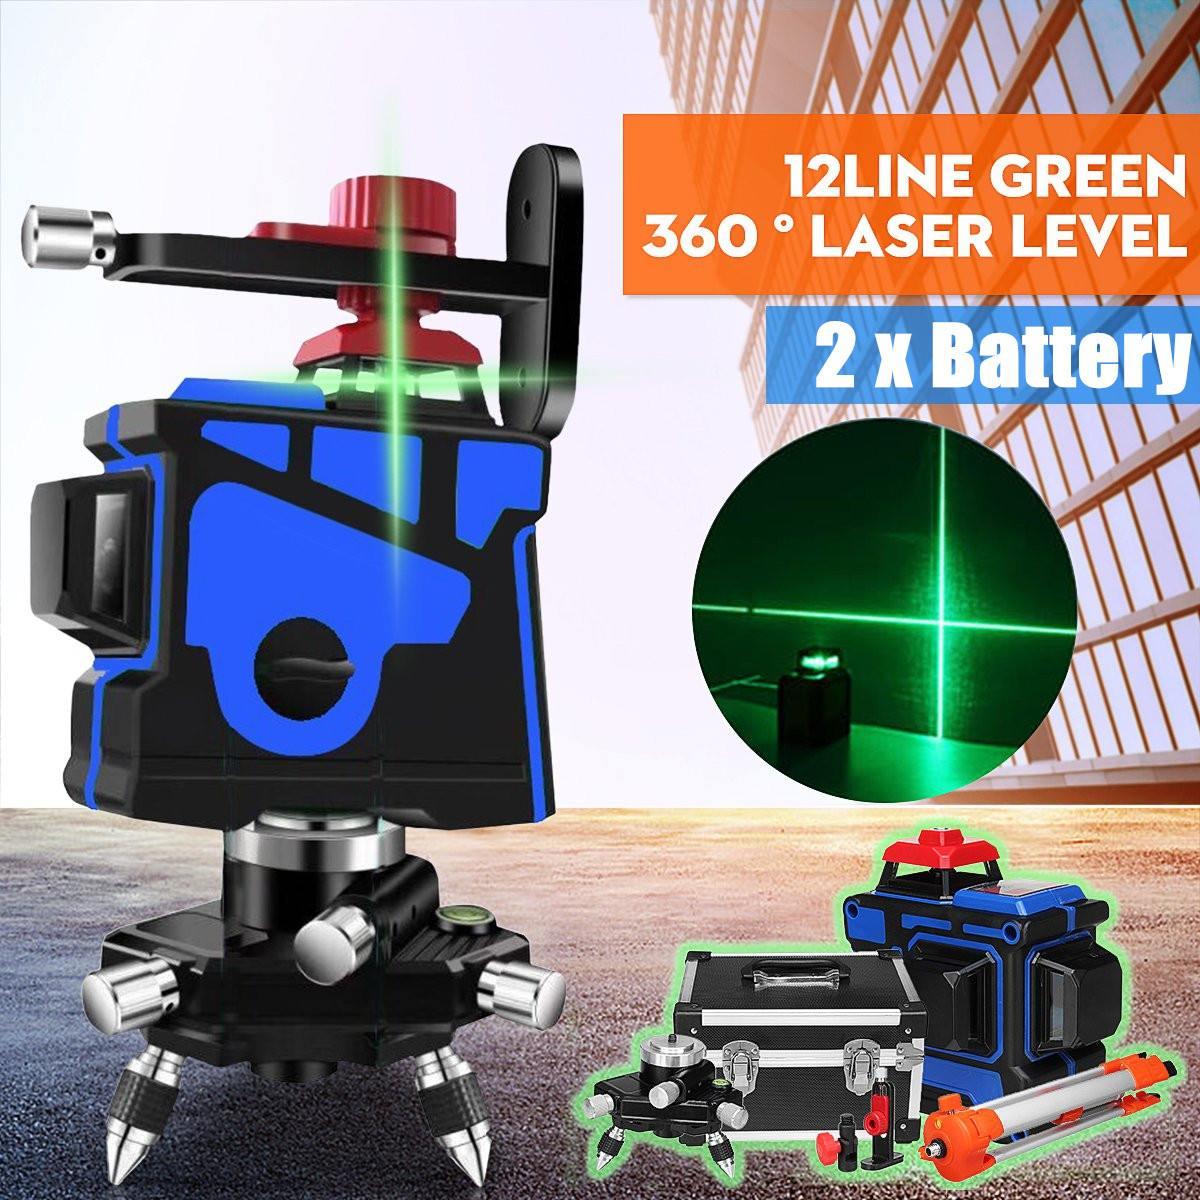 12 linea Verde a 360 Gradi Laser Livello di Supporti A Parete IP54 Auto Livellamento Orizzontale Verticale del Fascio Laser Con Il Treppiedi Indoor/ outdoor